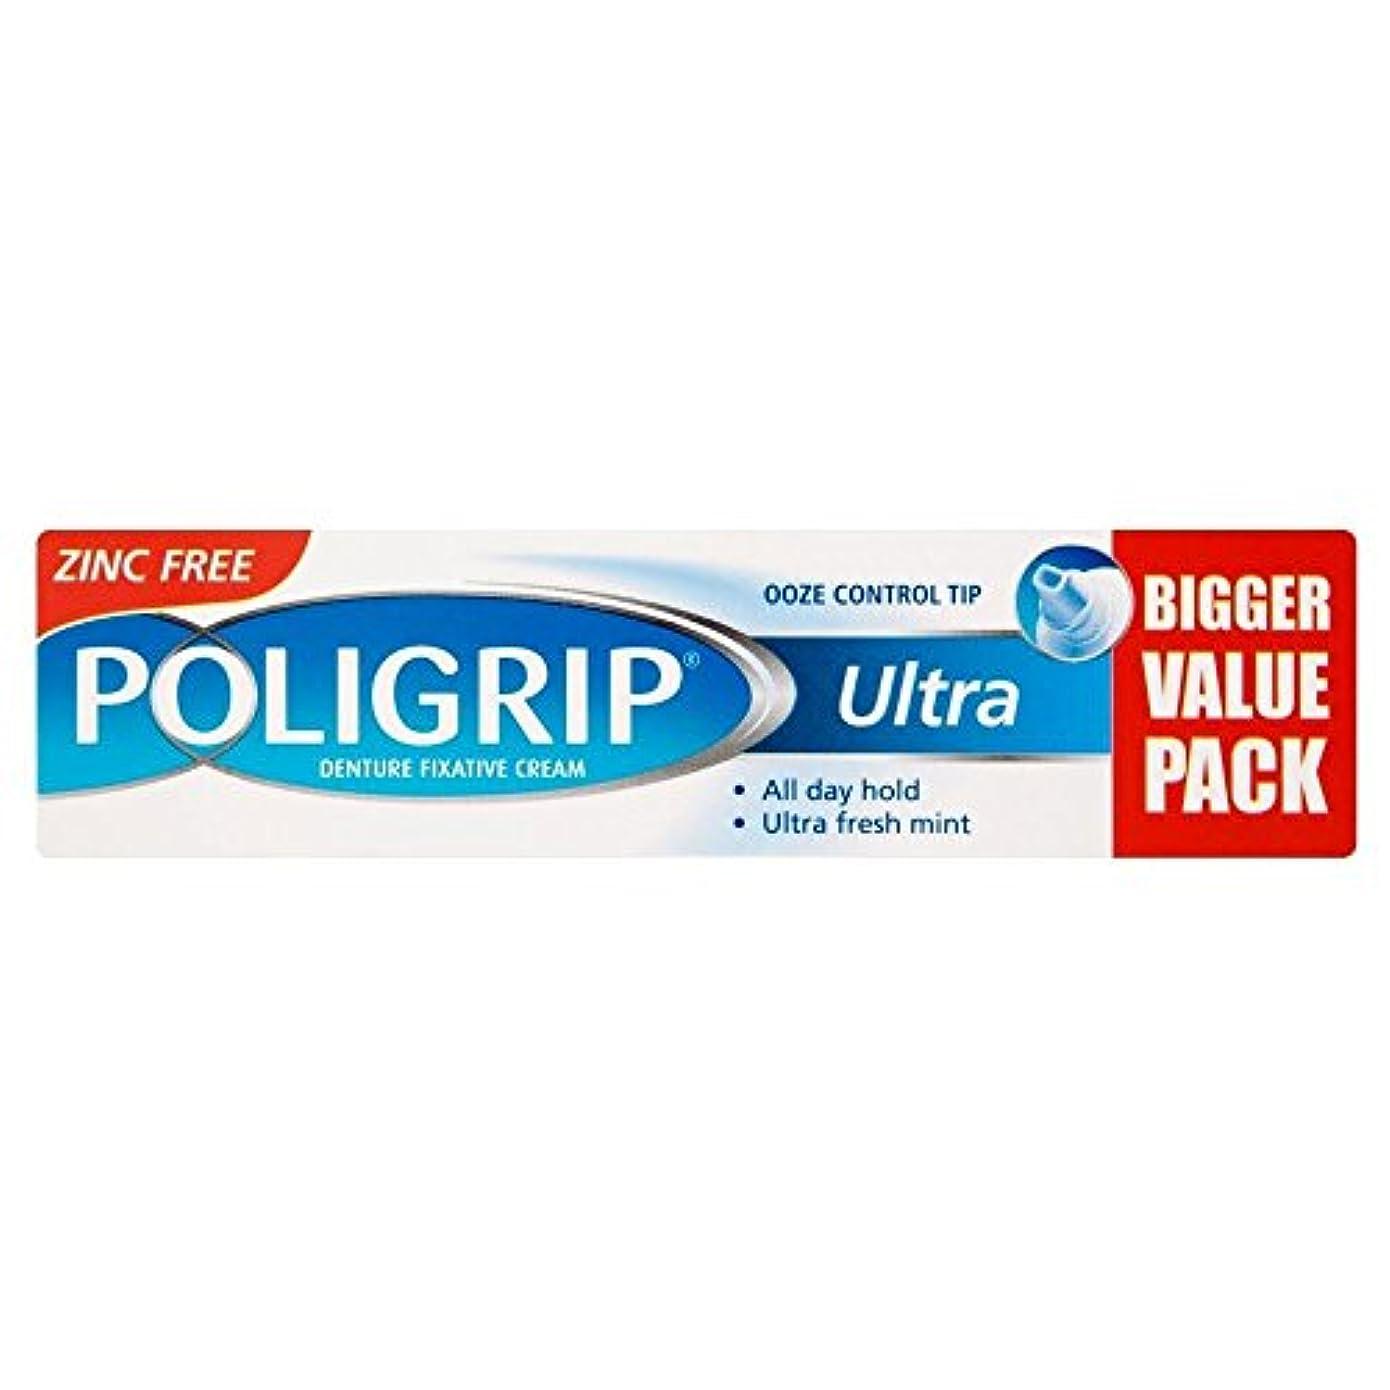 保険をかける火ストレッチ[Poligrip] Poligripの義歯安定剤クリーム超ミント(50グラム) - Poligrip Denture Fixative Cream Ultra Mint (50g) [並行輸入品]